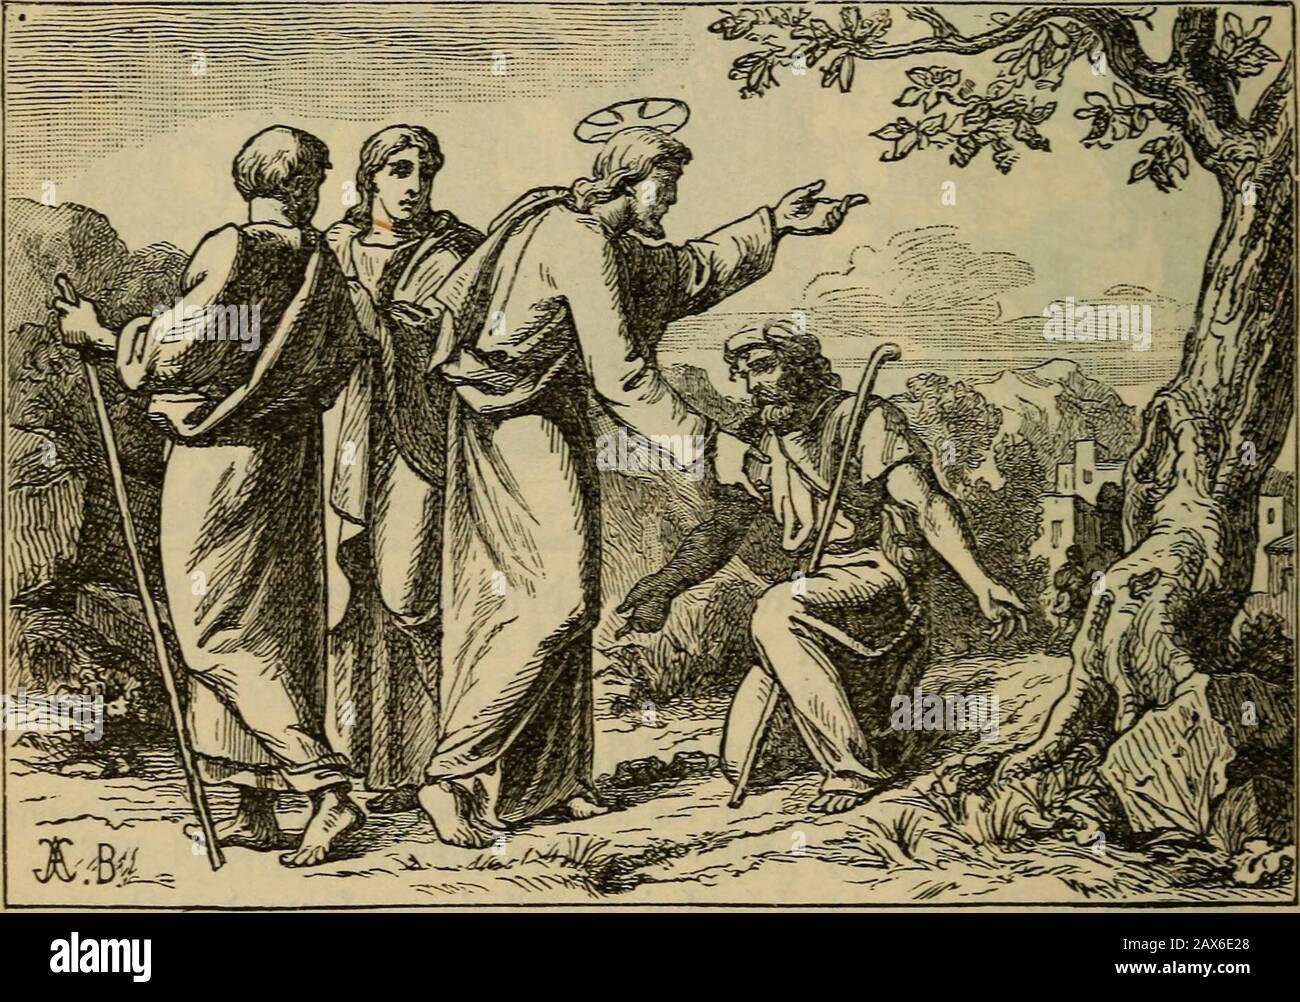 Biblische geschichte des Alten und Neuen Testamentes für katholische volksschulen . d) für ba§ 23üH ftirbt, aU mnn — 204 - ba§ ganje 95oIf 311 ©runbe geljt. Sie bej(^Ioffcn alfo 3^fumjii tobten, öcfug tnu^te bicje§. Sariim lüanbelte 6r nicf)t me!^röflentUdö unter htn Suben, jonbcrn 309 ficf) nact) ©pljtem jurüdf.* 3eiii^, ber t)on ben Silben beneidet uiib gel^aßt nnirbe, ^at fein ^or^bilb im ägi]pti d)en 3oiep[); biefer mürbe öon (rinnT 5^rübern beneibet unbge()a§t (a. 2^. 9to. IG nnb 9io. 17). (Sin tneiteveä ^orbilb ift ©(iaö, ber9e[)a(3t unb üerfolgt mnrbe, unb n3elrf)em mon nac^ bem lieben Stock Photo